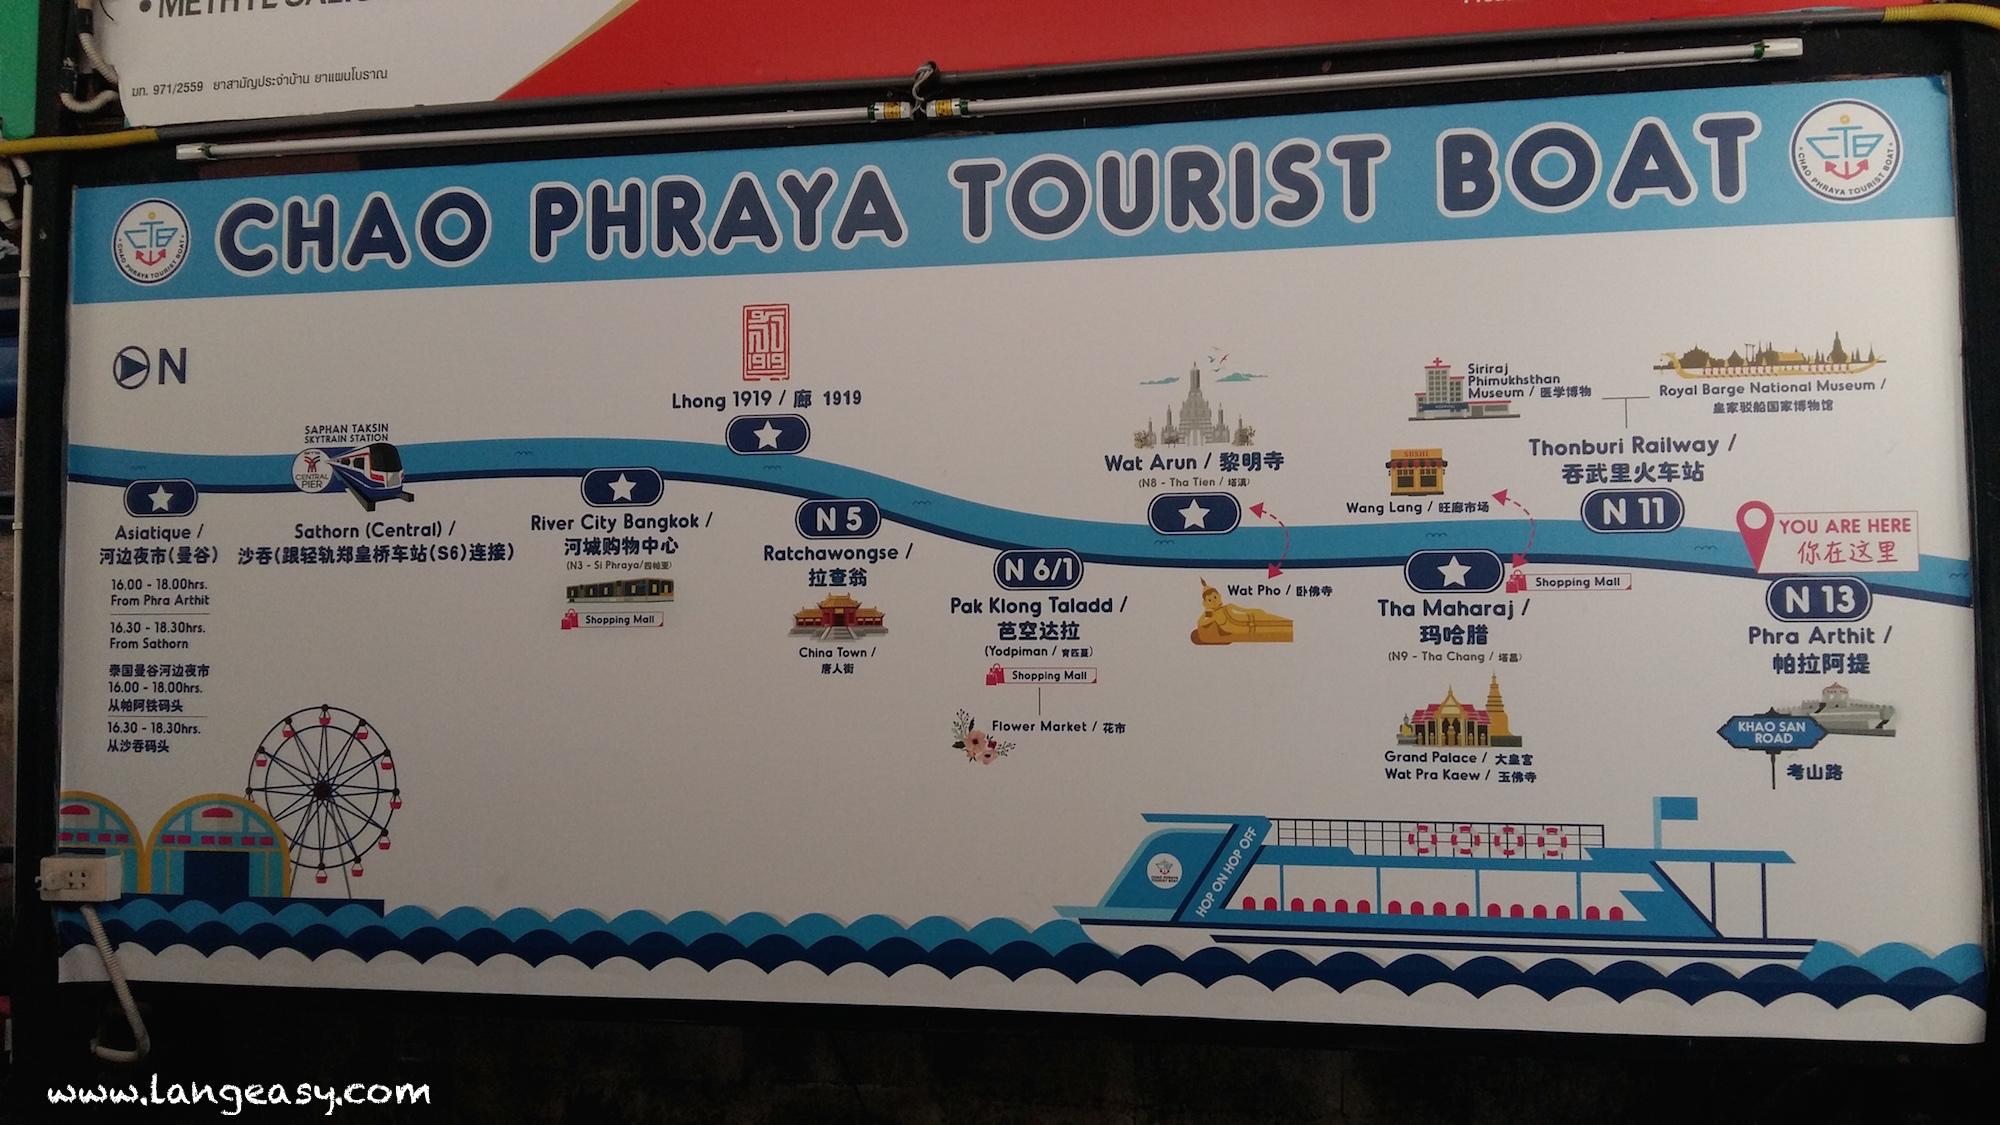 The Chao Phraya River Public service Boats of Bangkok